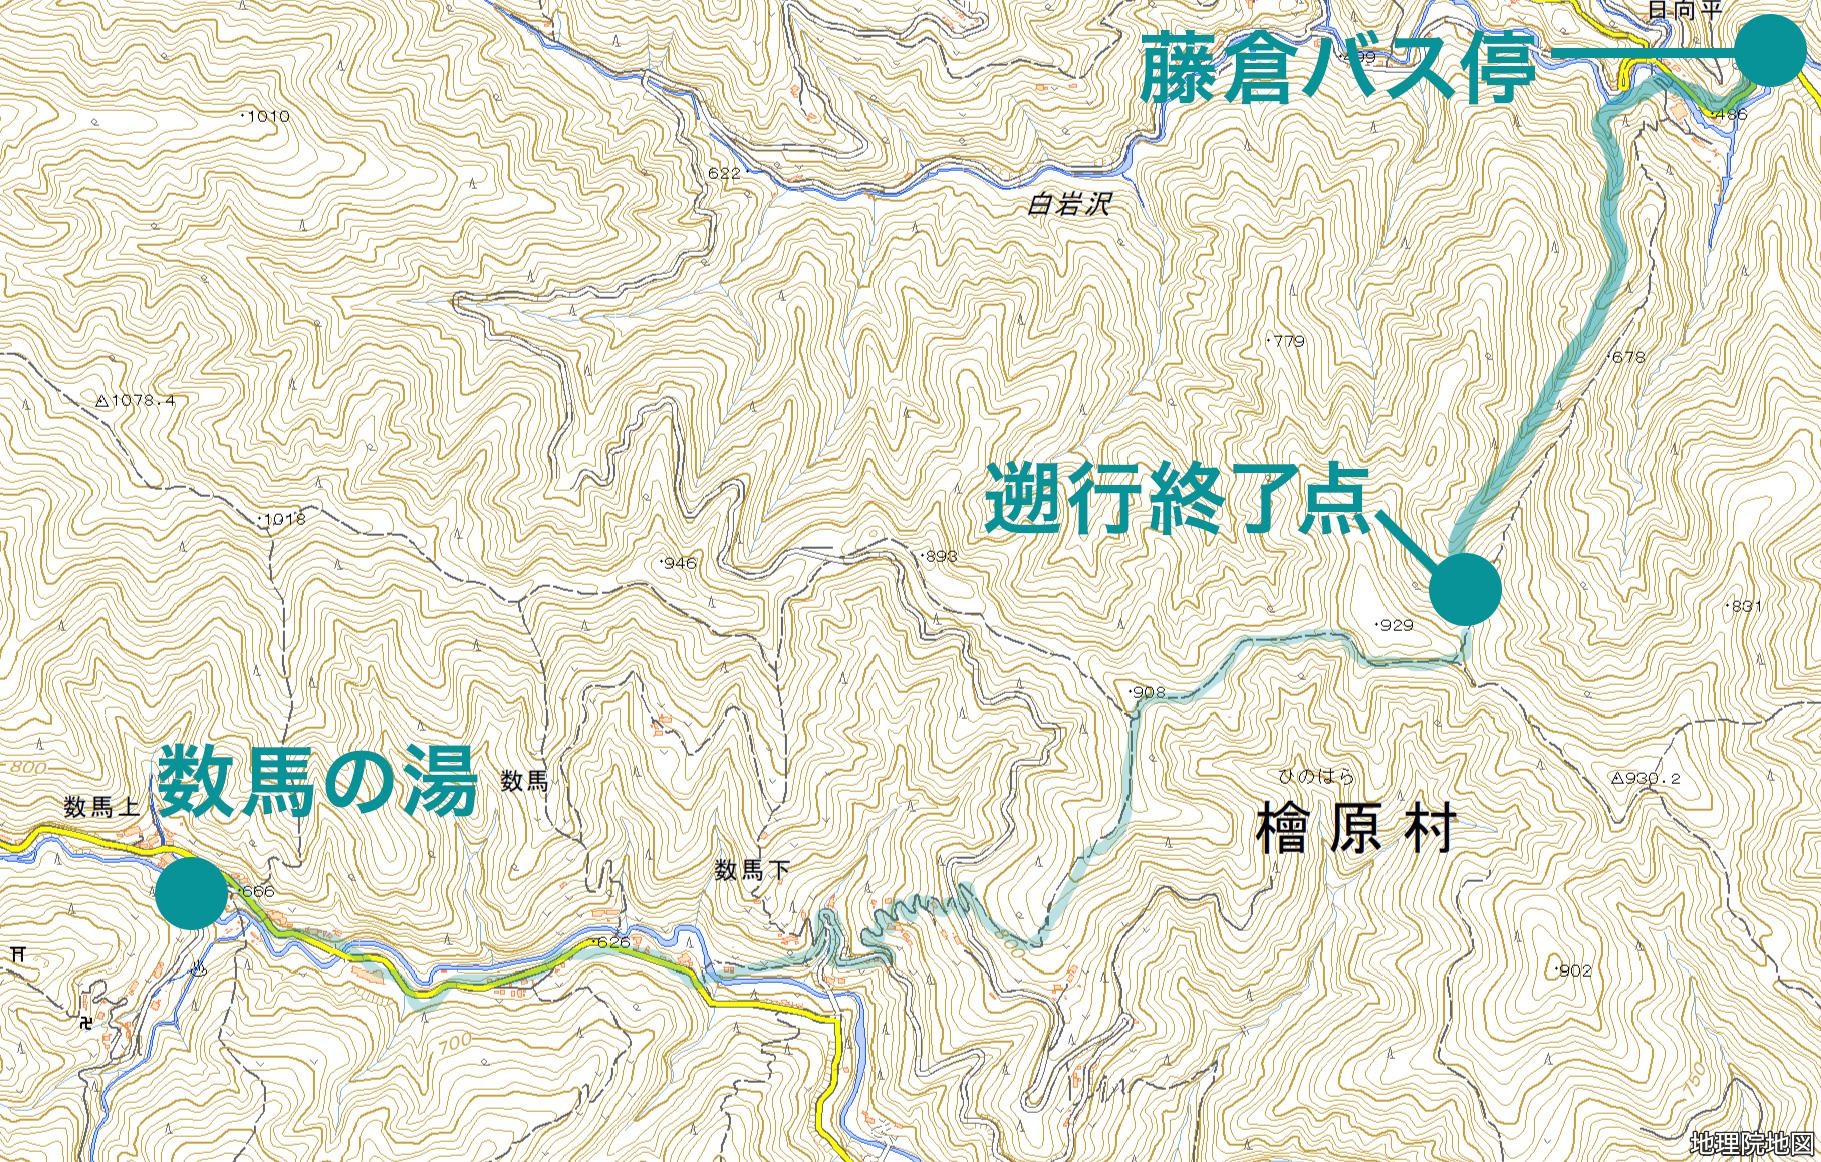 シンナソー地図